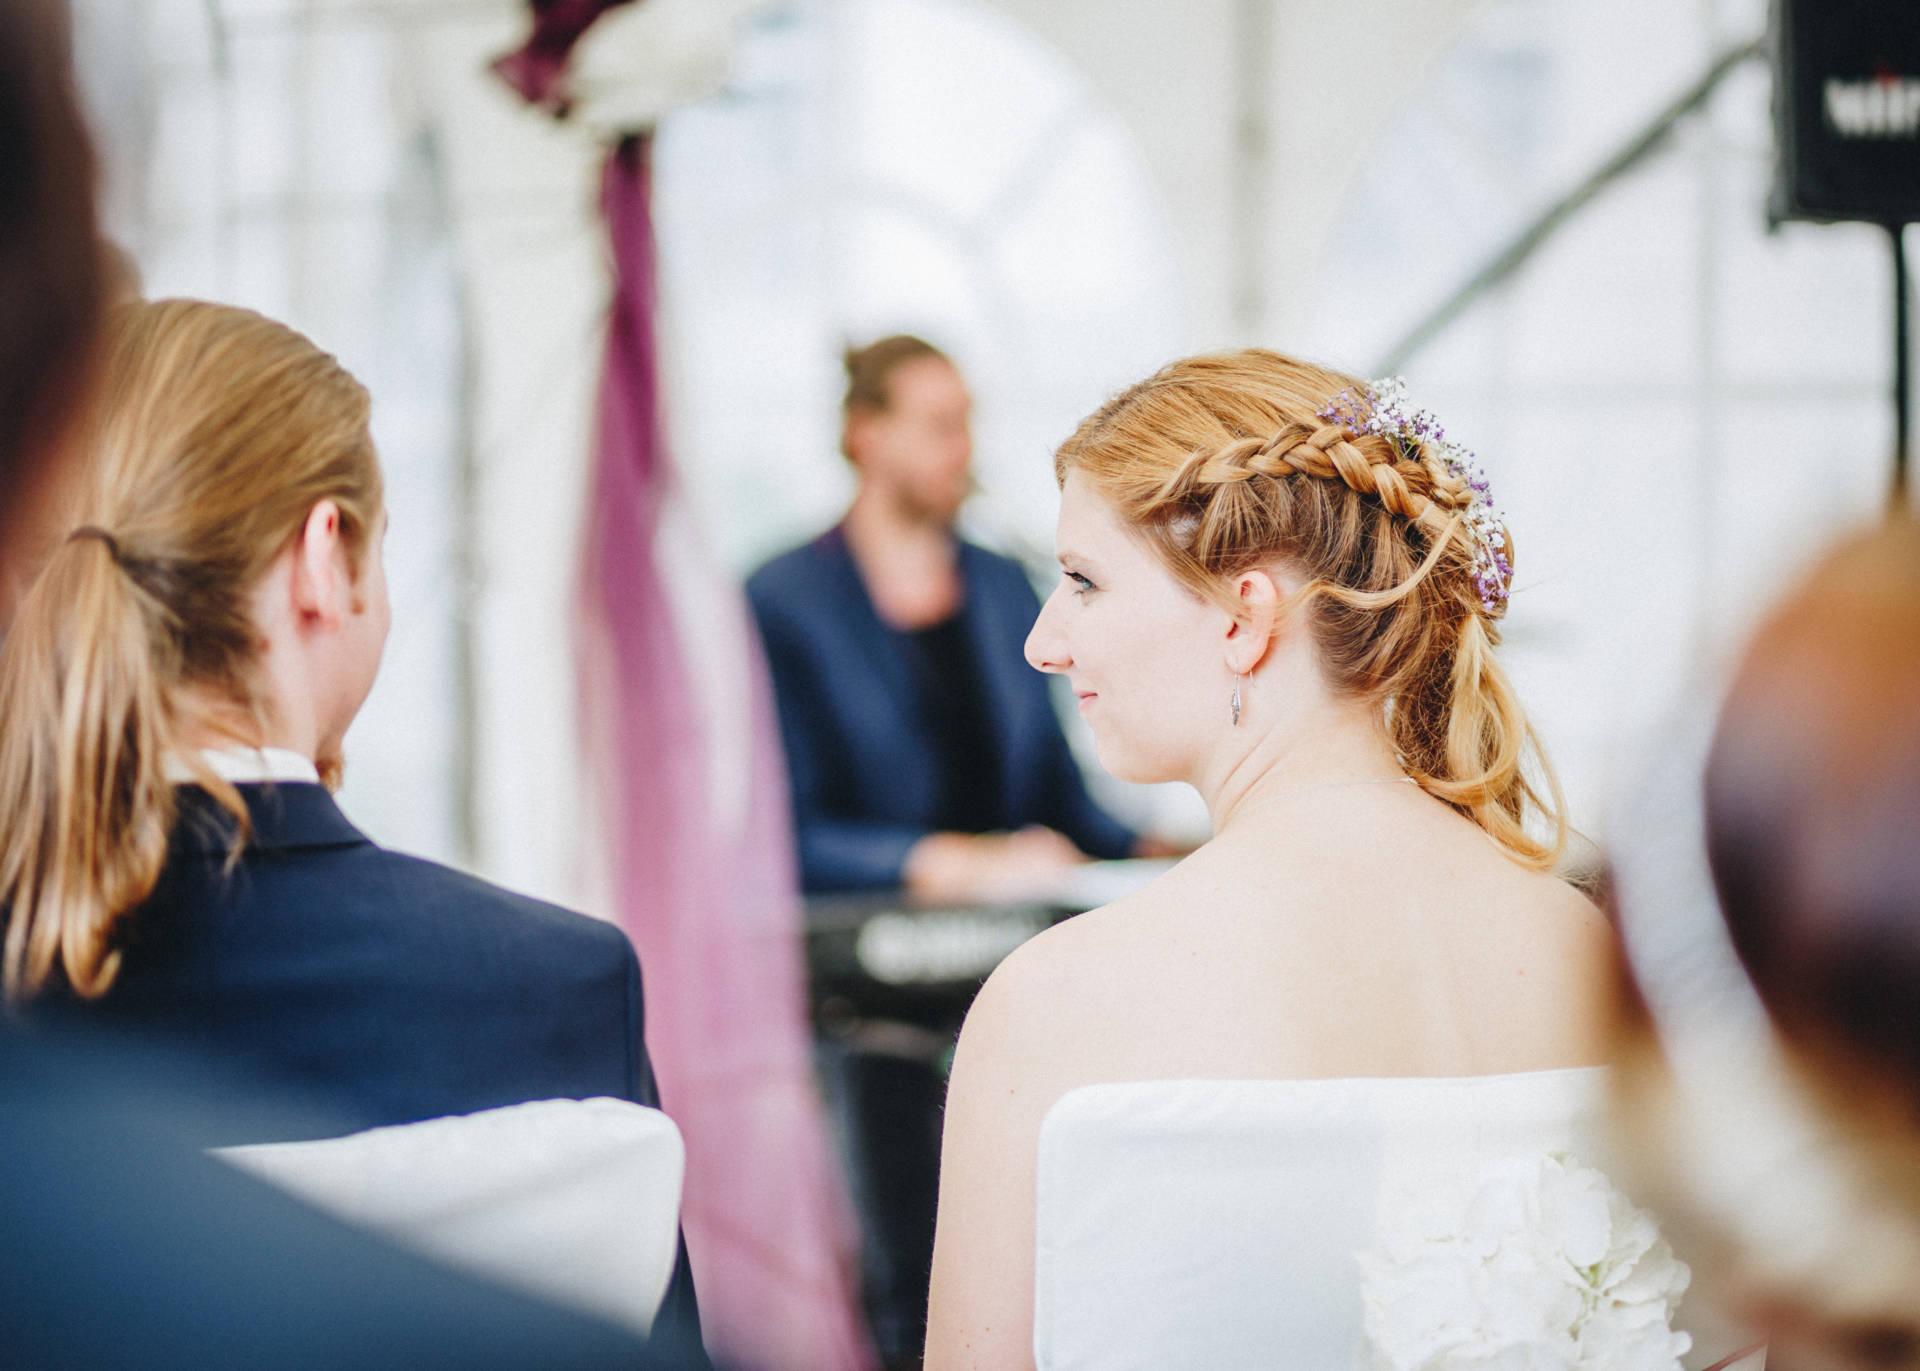 50mmfreunde Hochzeit Poesneck VillaAltenburg 11 - Freie Trauung in der Villa Altenburg